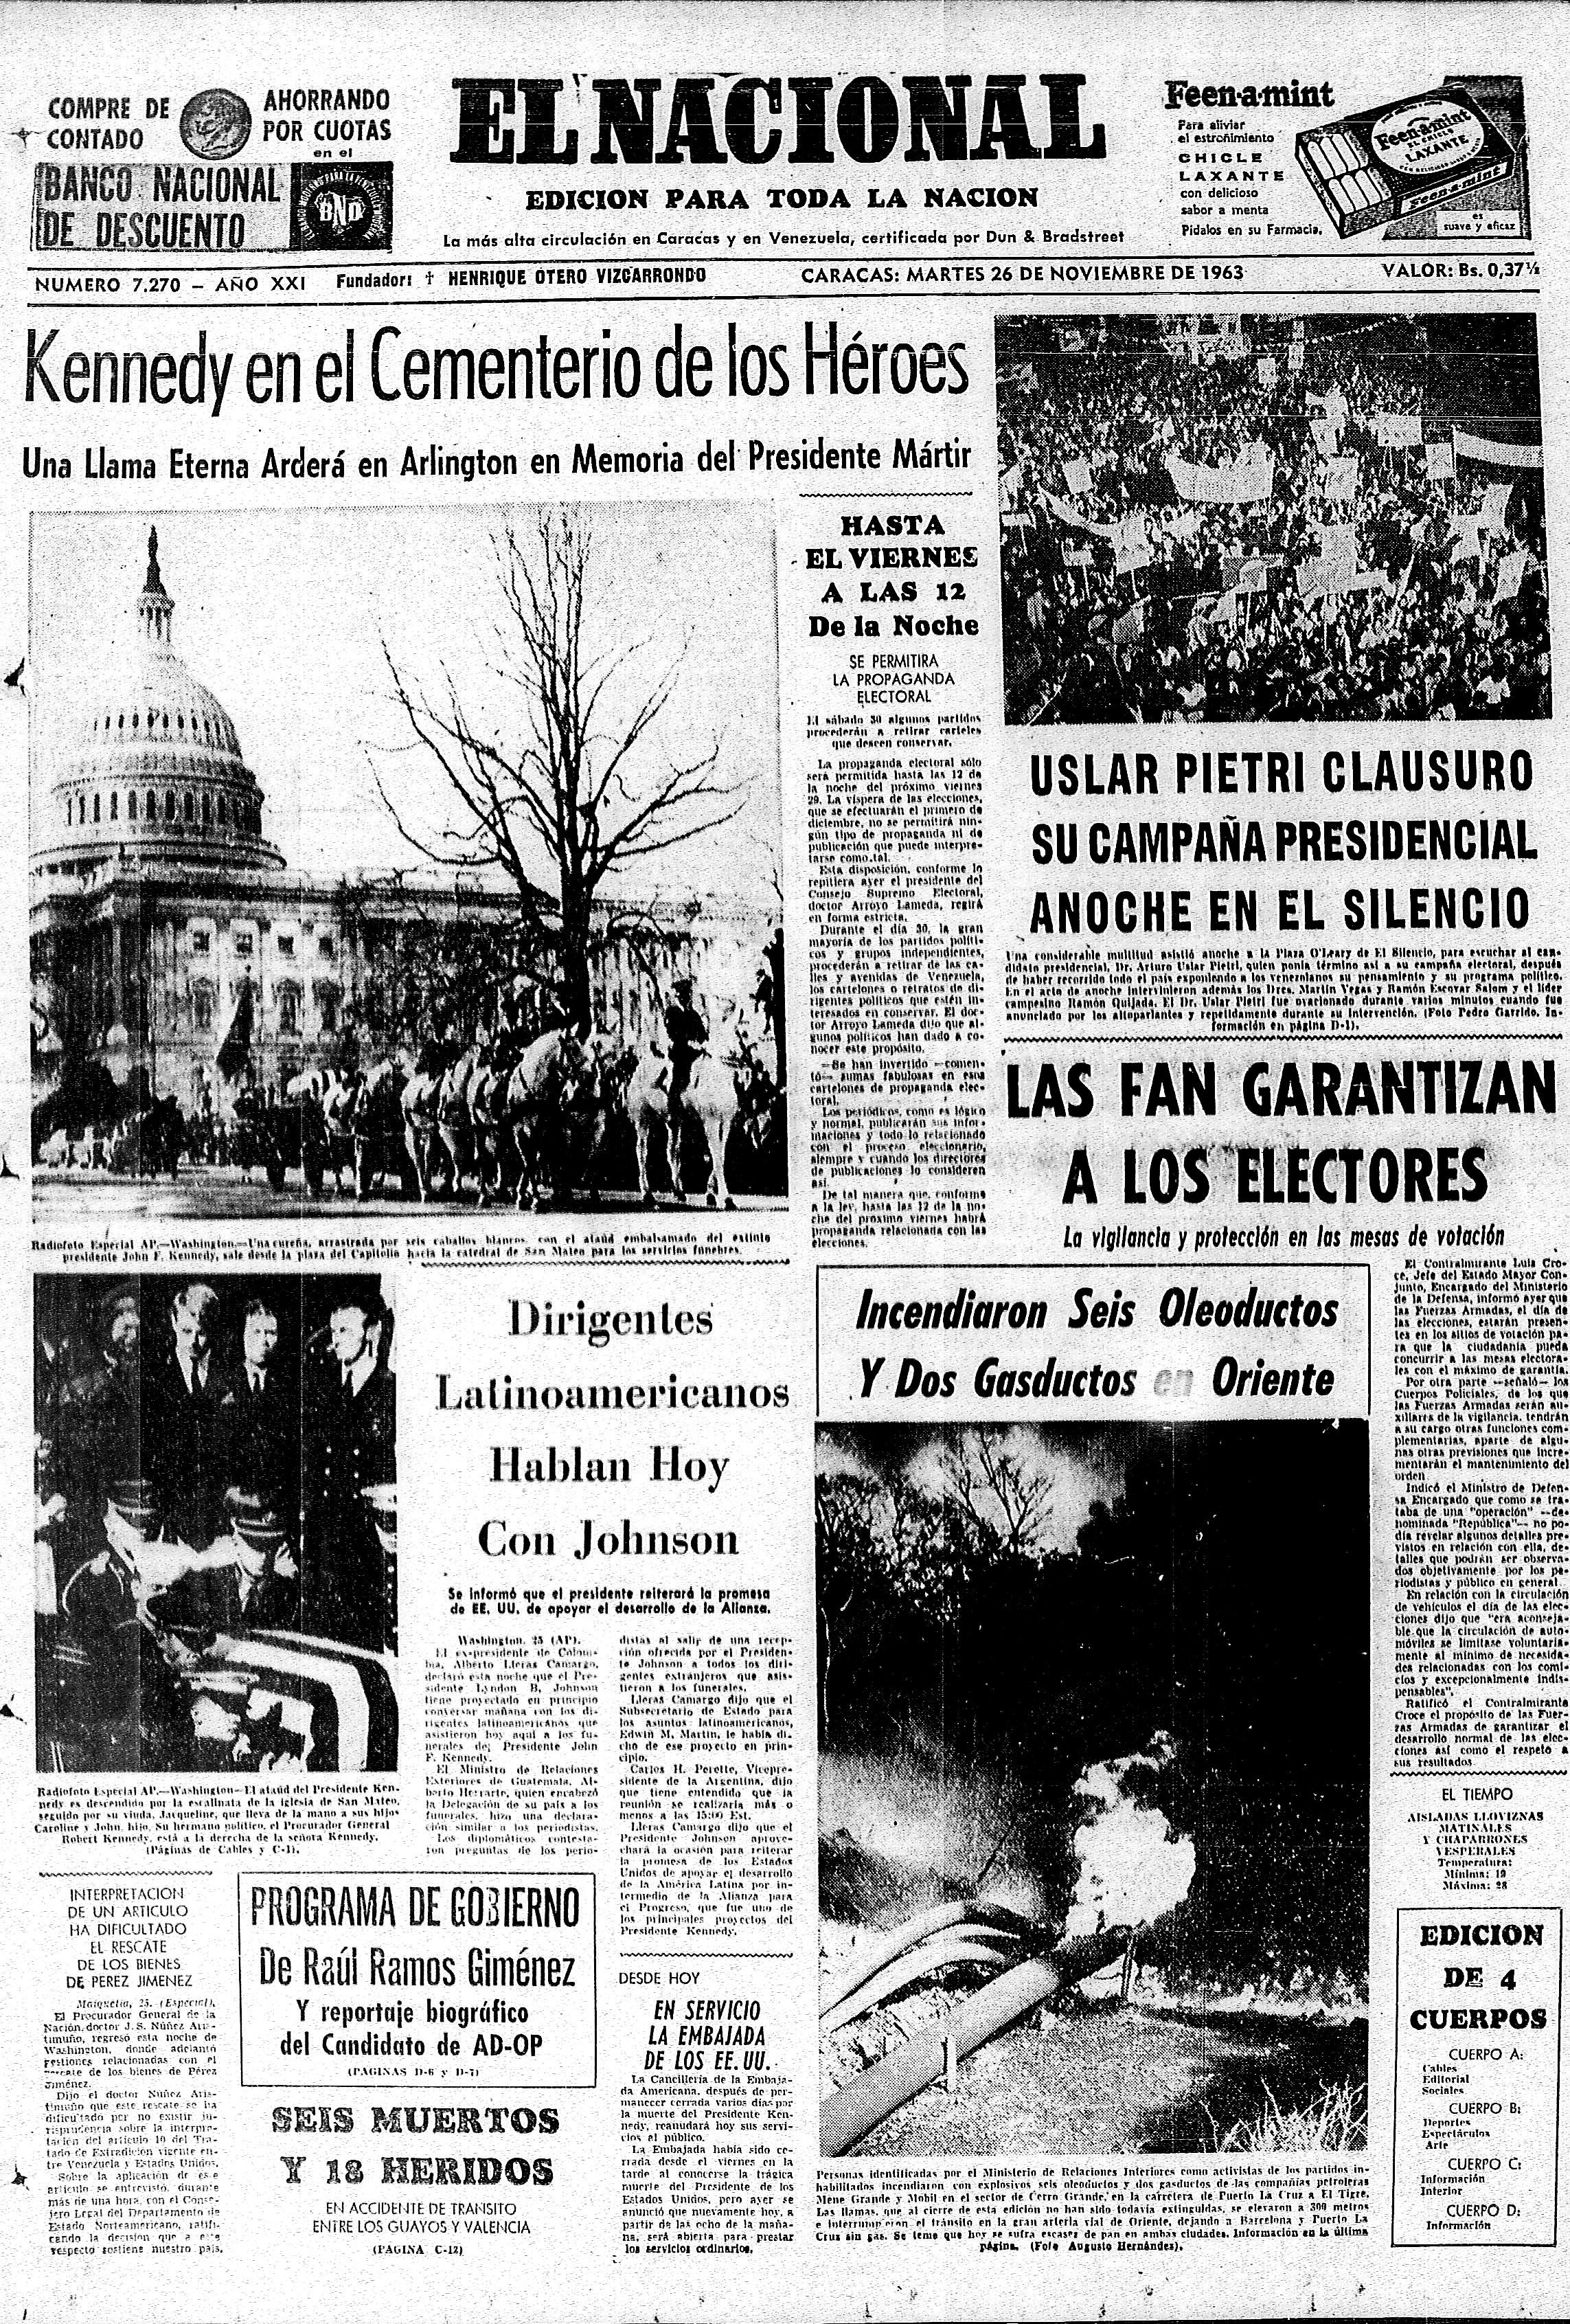 Kennedy en el cementerio. Publicado el 26 de noviembre de 1963.